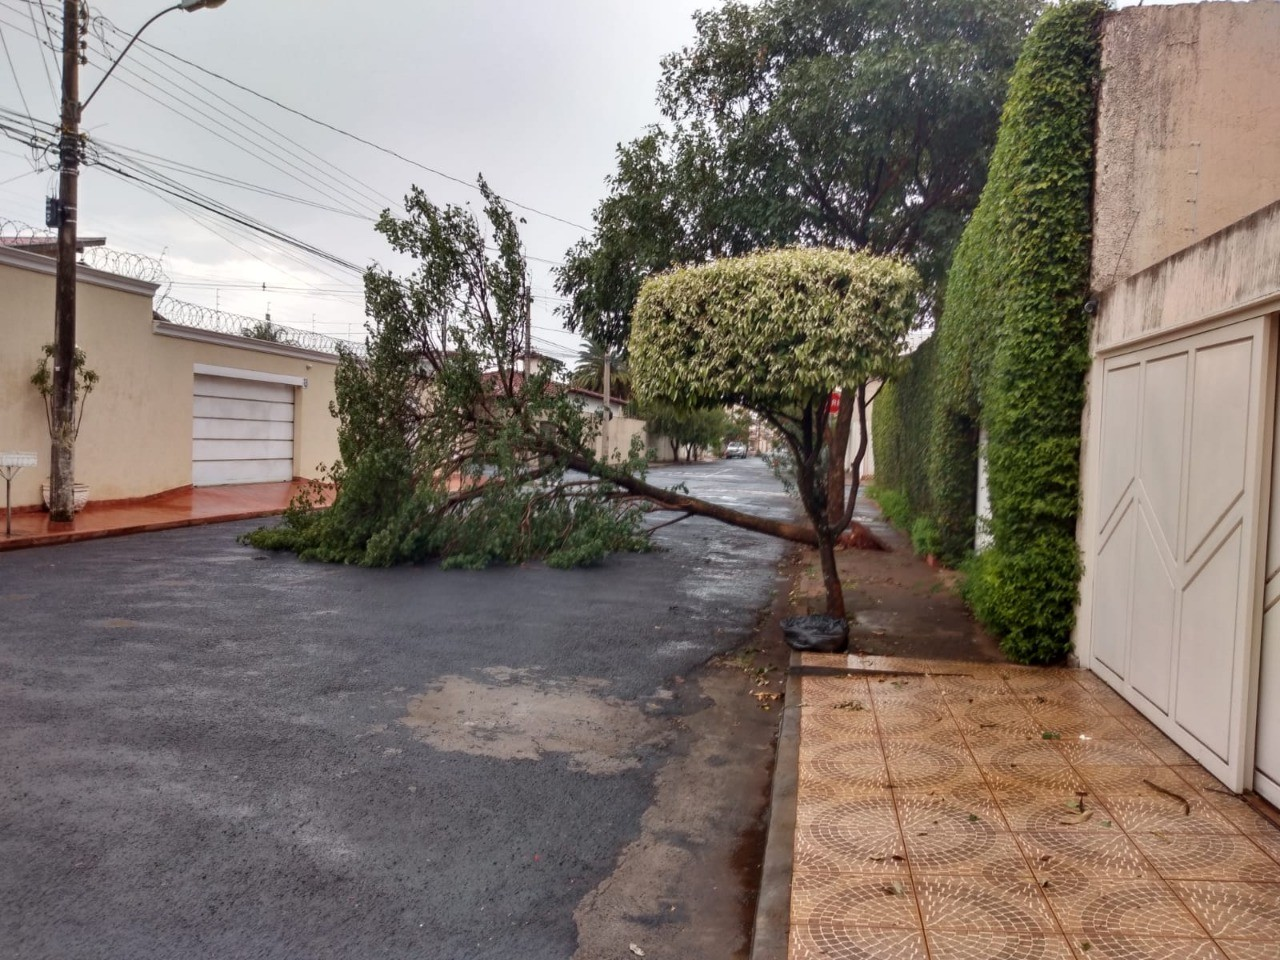 Bombeiros registram queda de árvores após chuva e vento em Uberaba